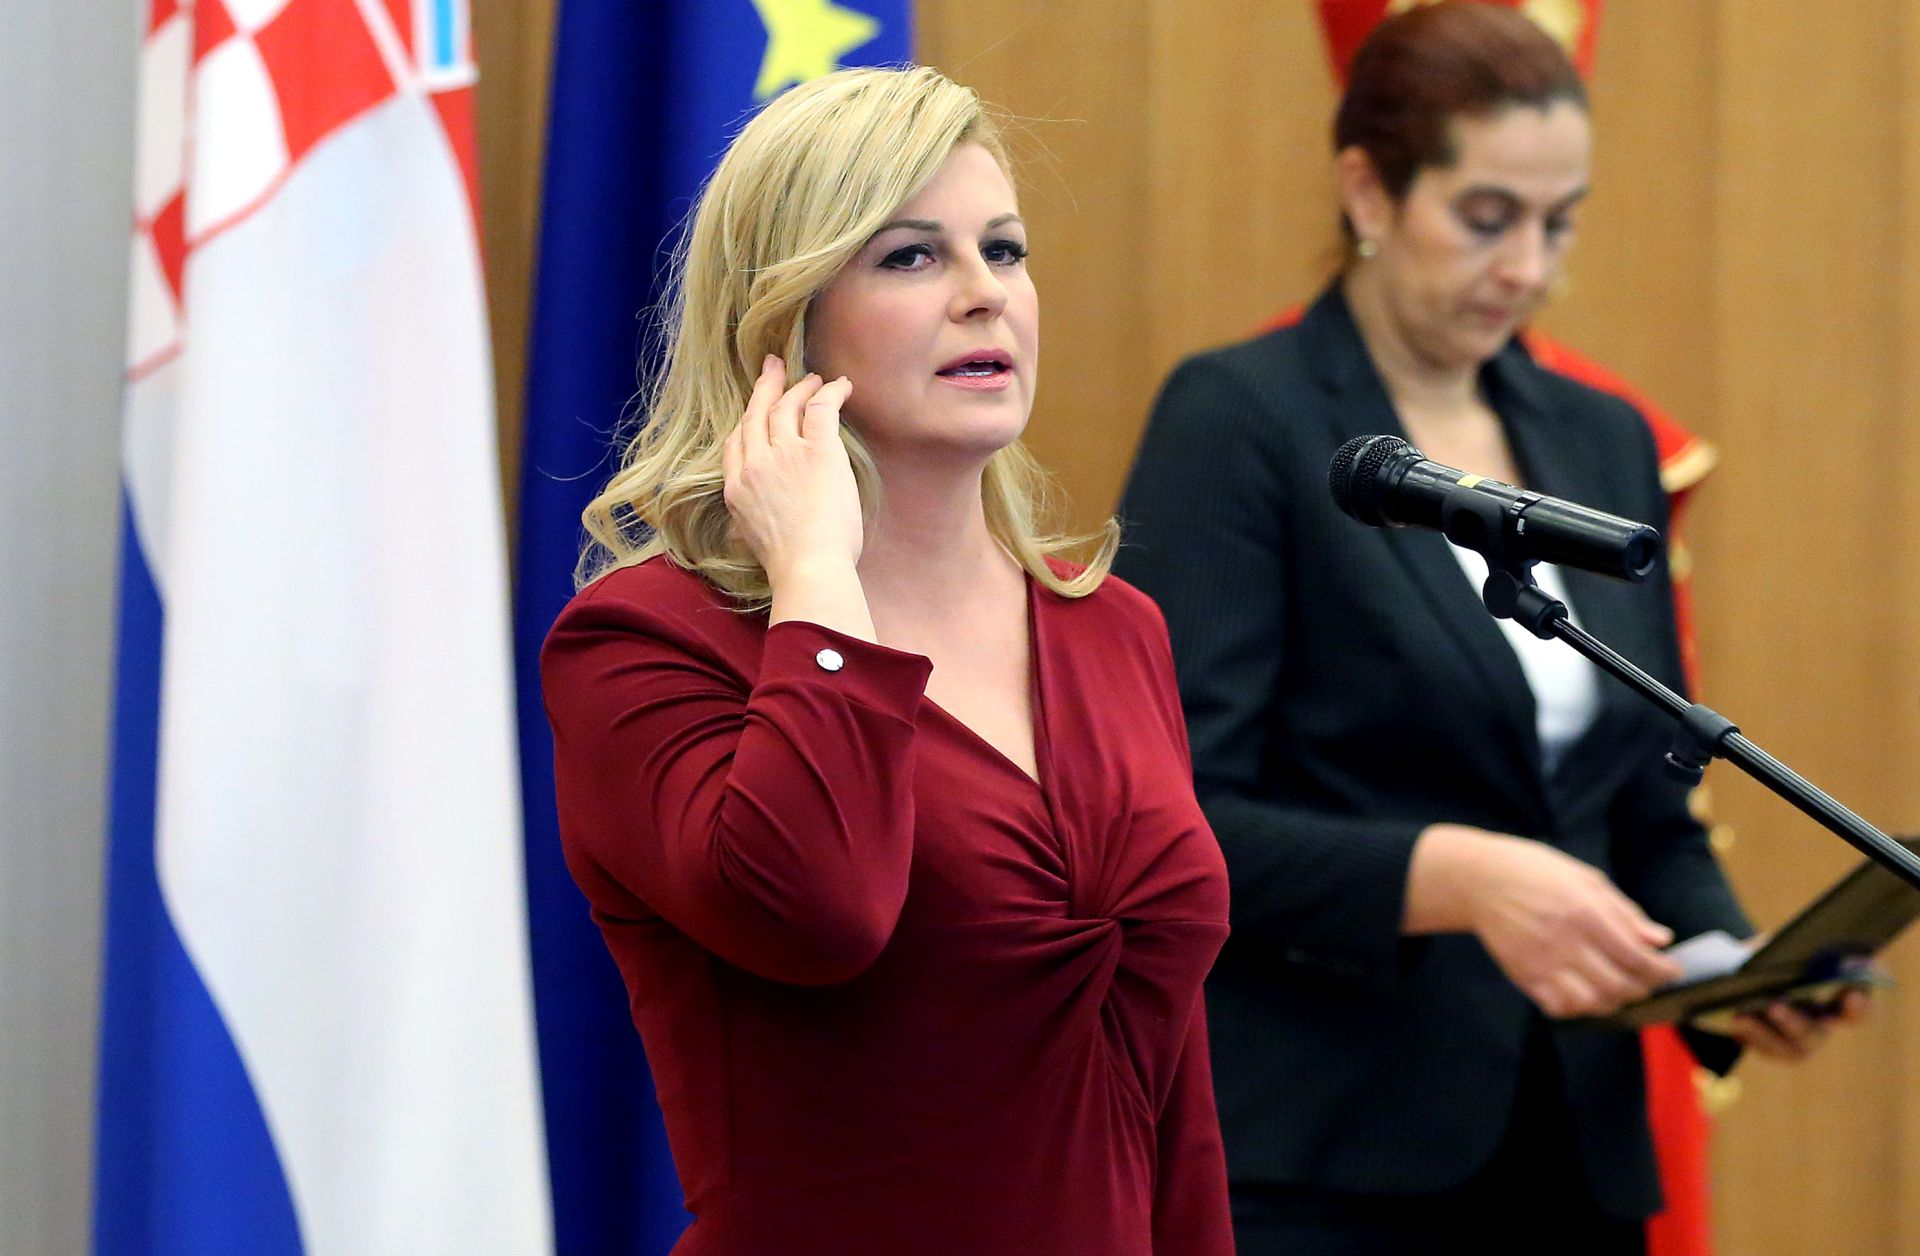 RADNI POSJET: Troškovi puta predsjednice Grabar-Kitarović SAD-u 73.800 kuna